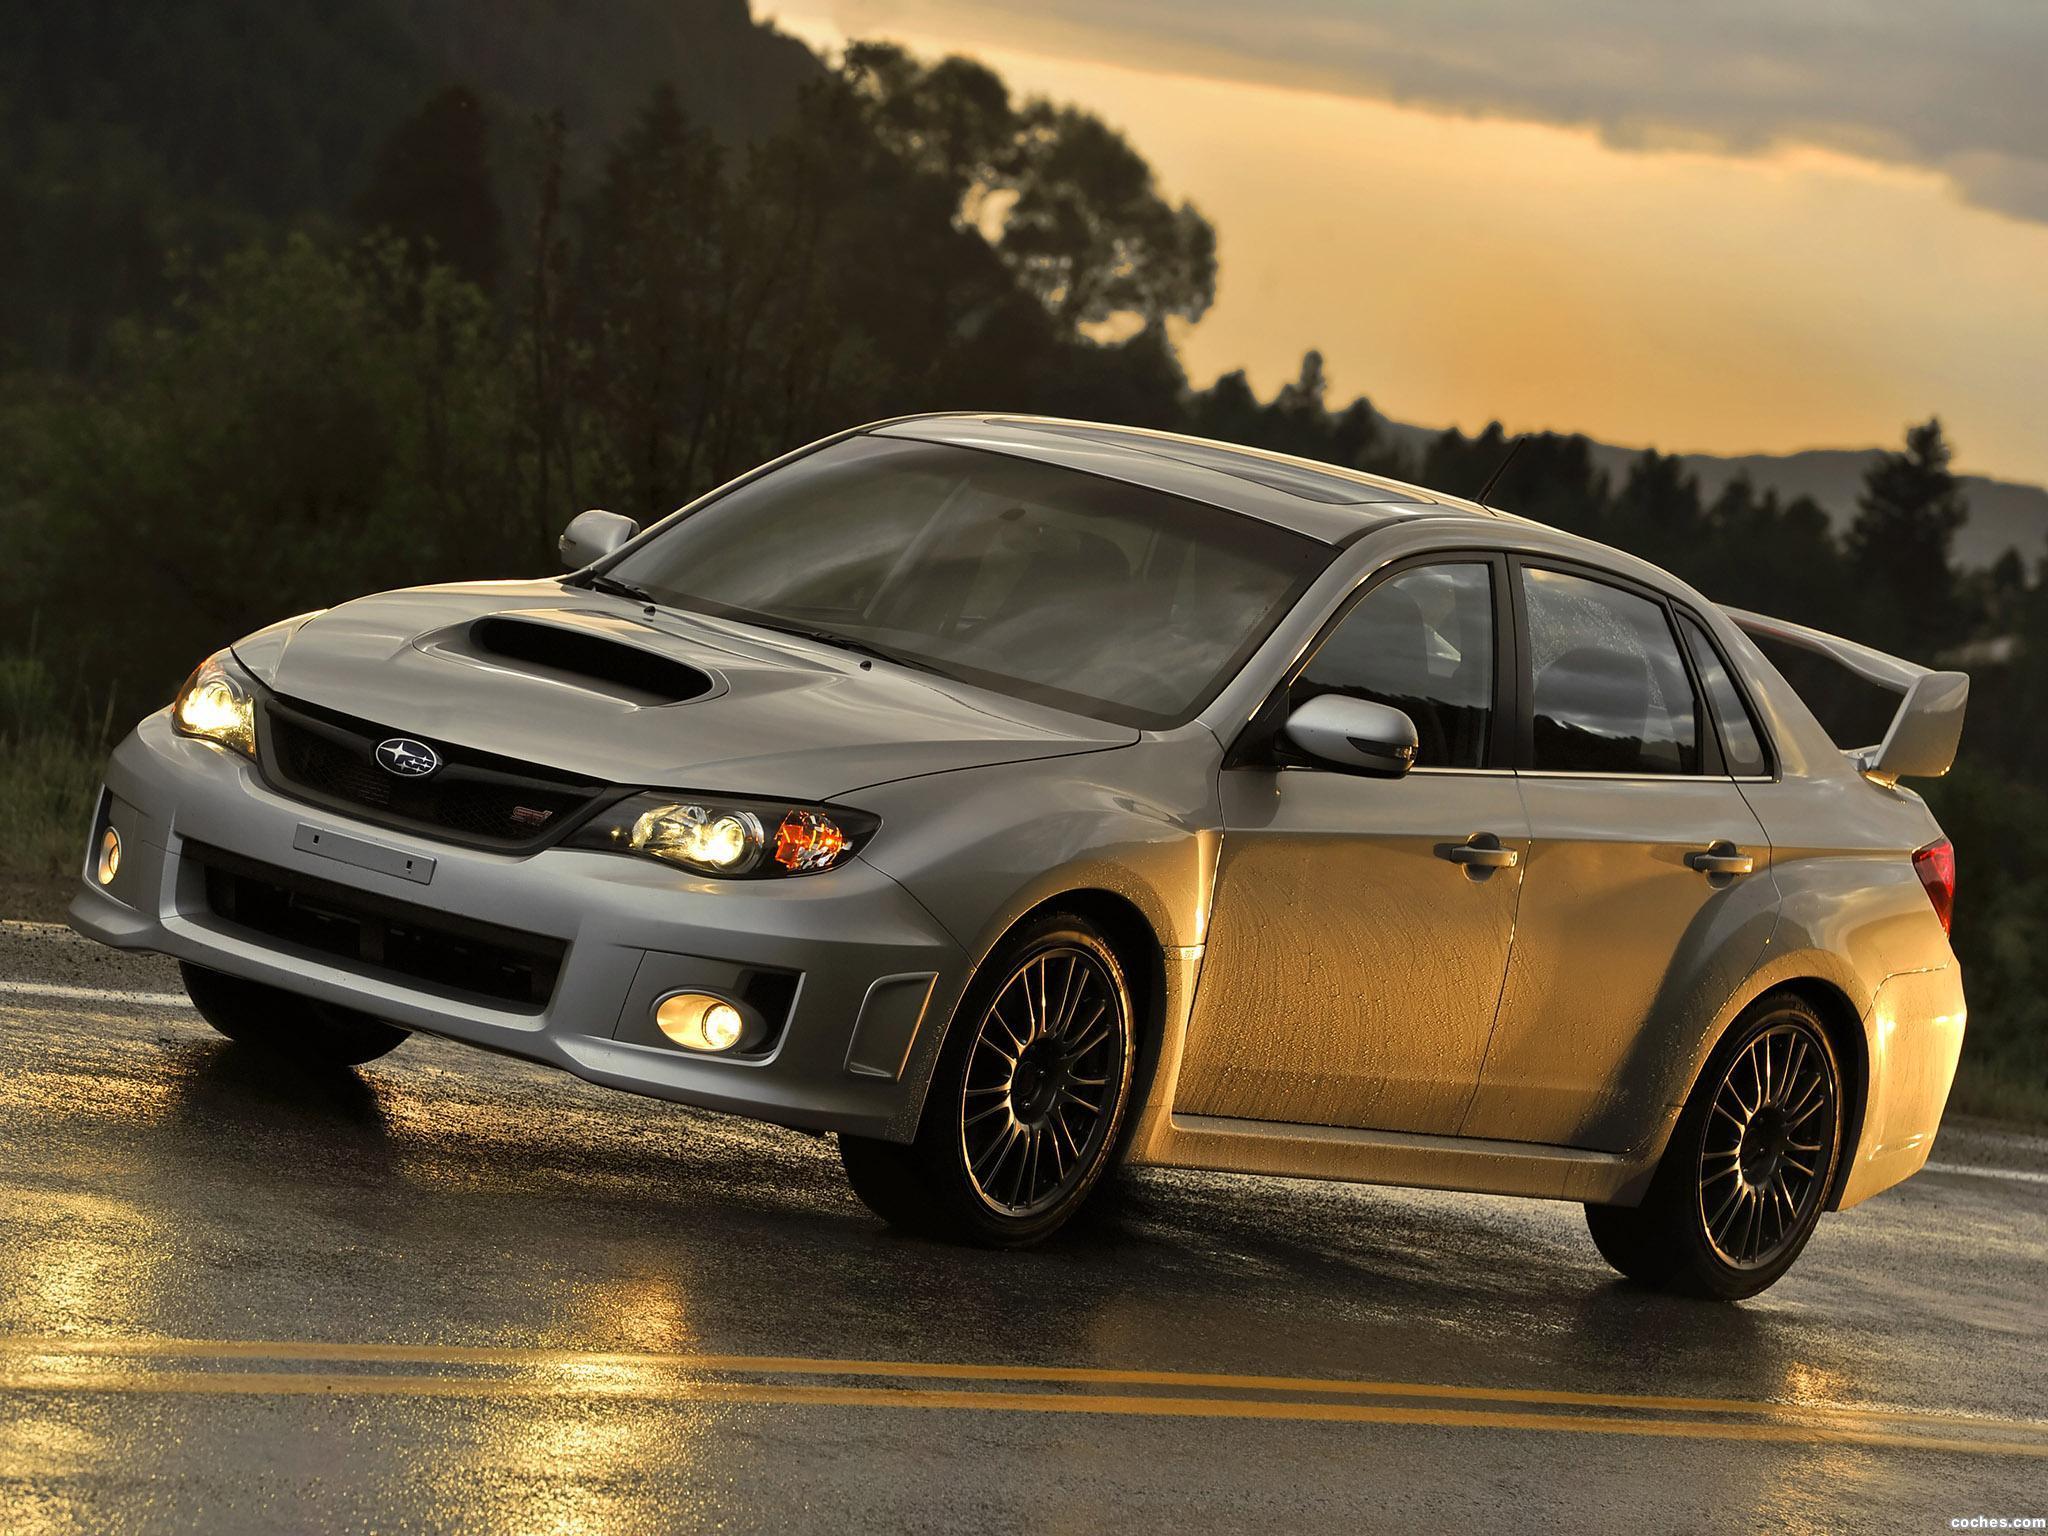 Foto 10 de Subaru Impreza WRX STi Sedan USA 2010